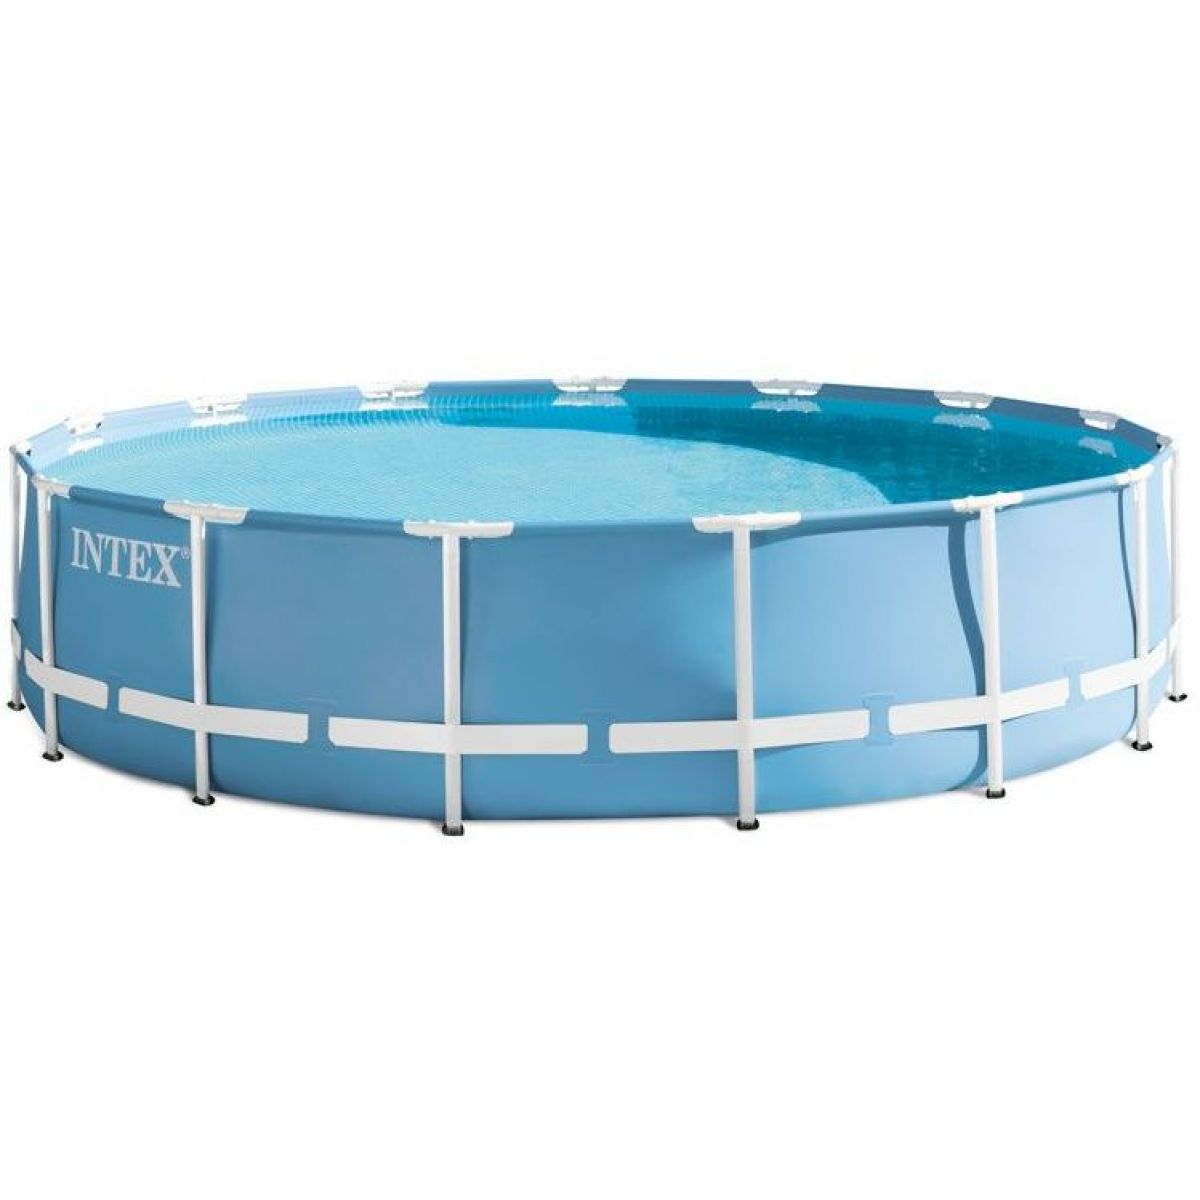 INTEX 26728 Bazén kruhový s rámem Prism frame 4,57 x 0,84 cm